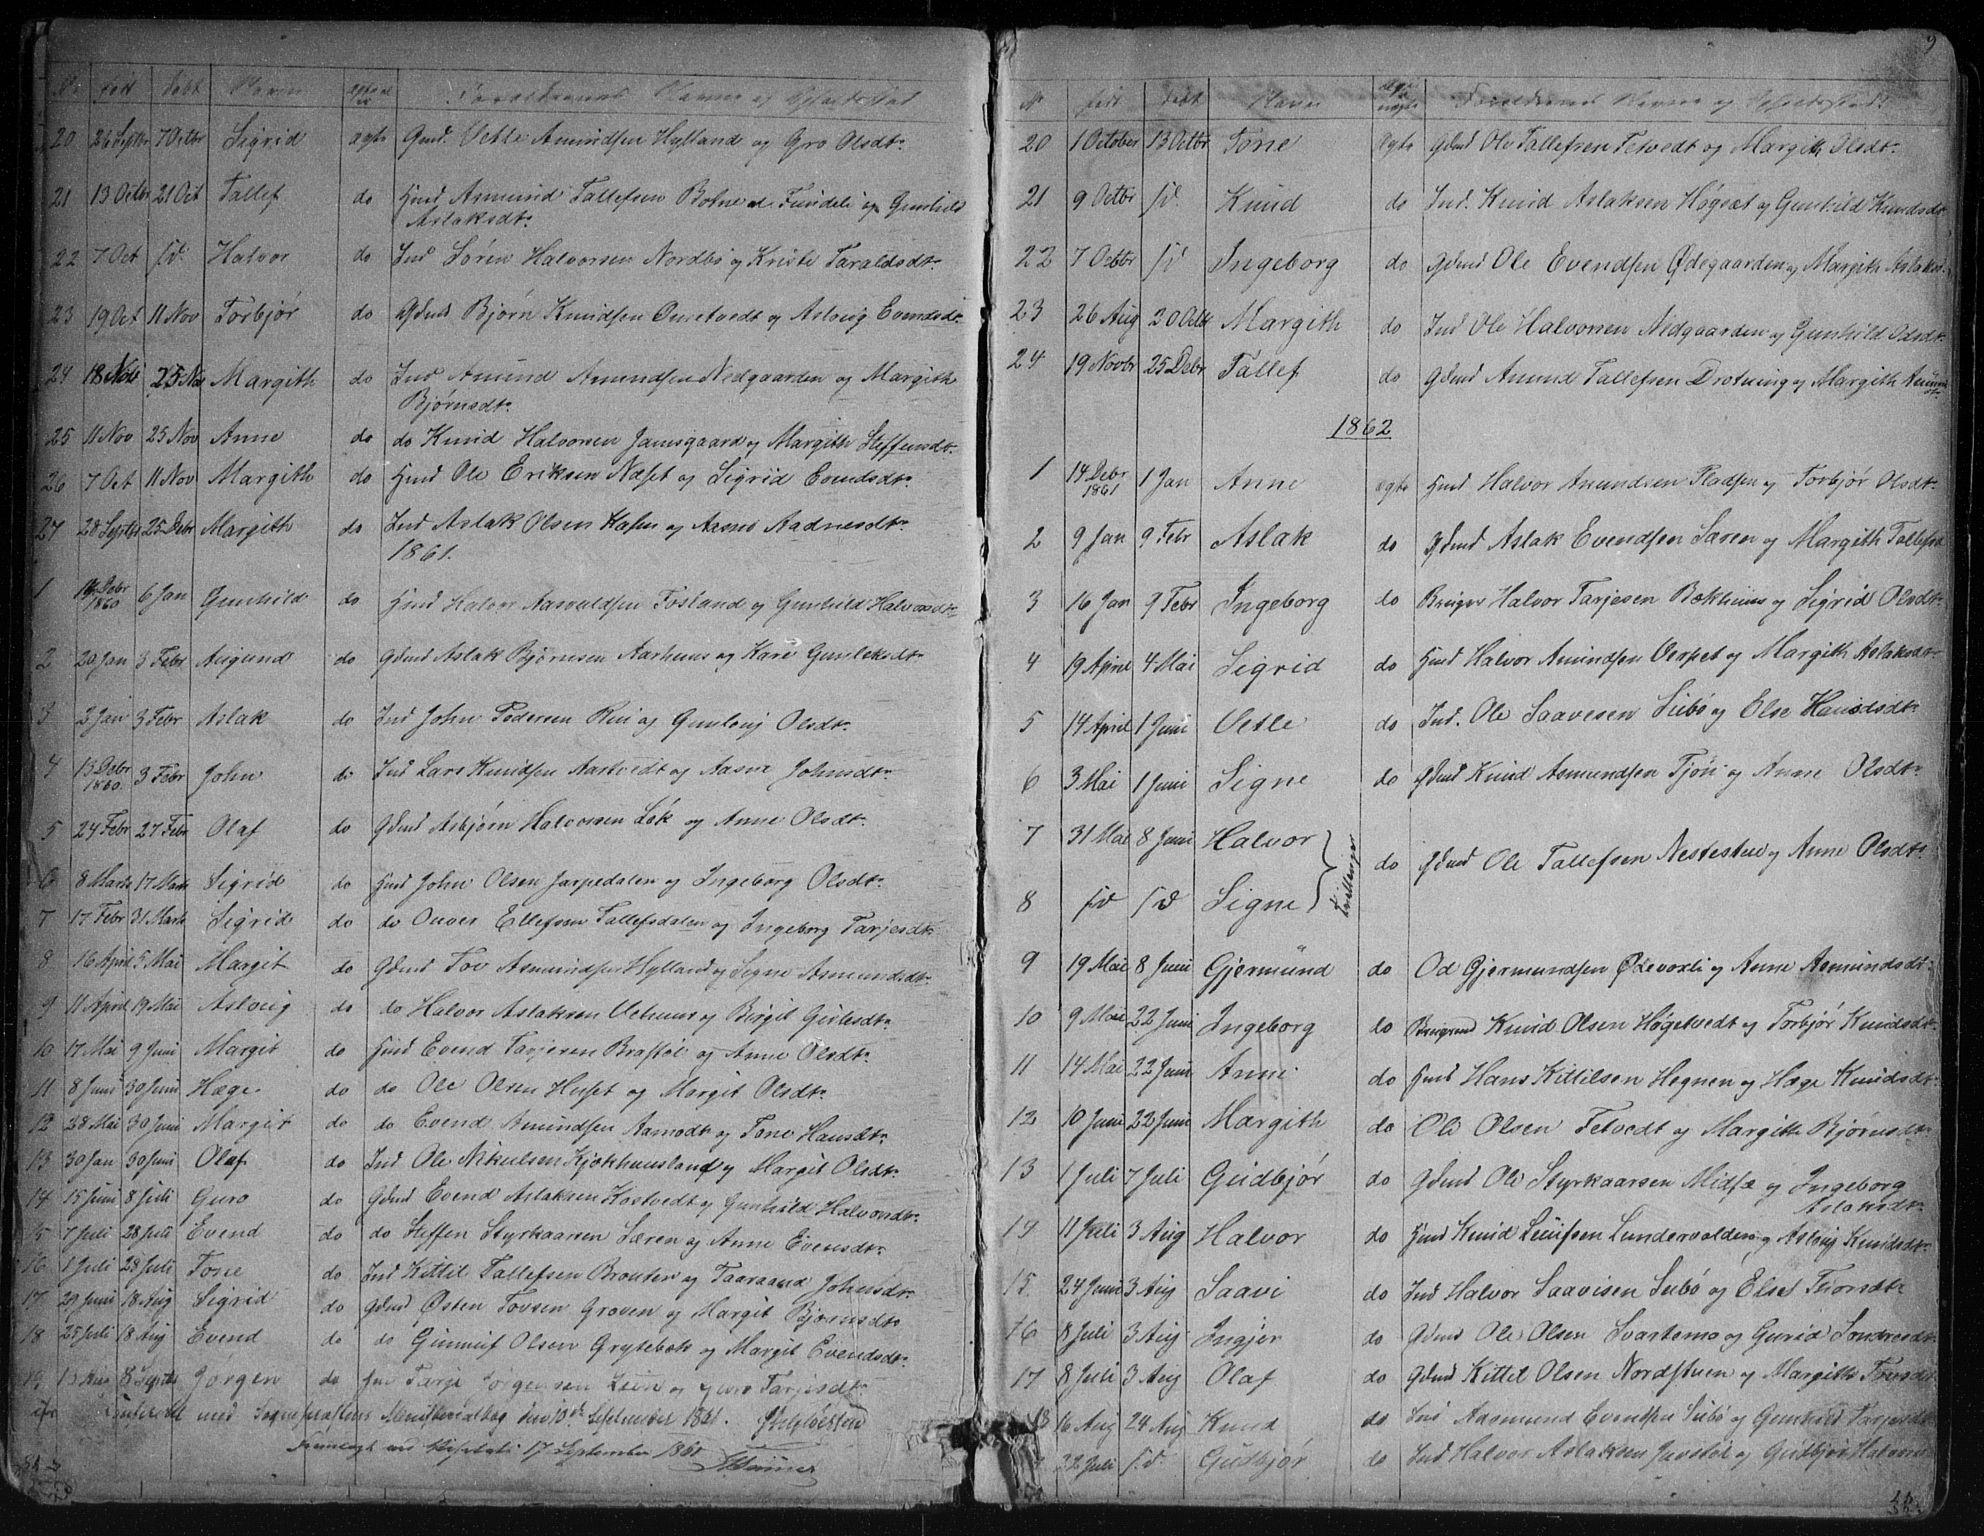 SAKO, Vinje kirkebøker, G/Ga/L0002: Klokkerbok nr. I 2, 1849-1893, s. 9